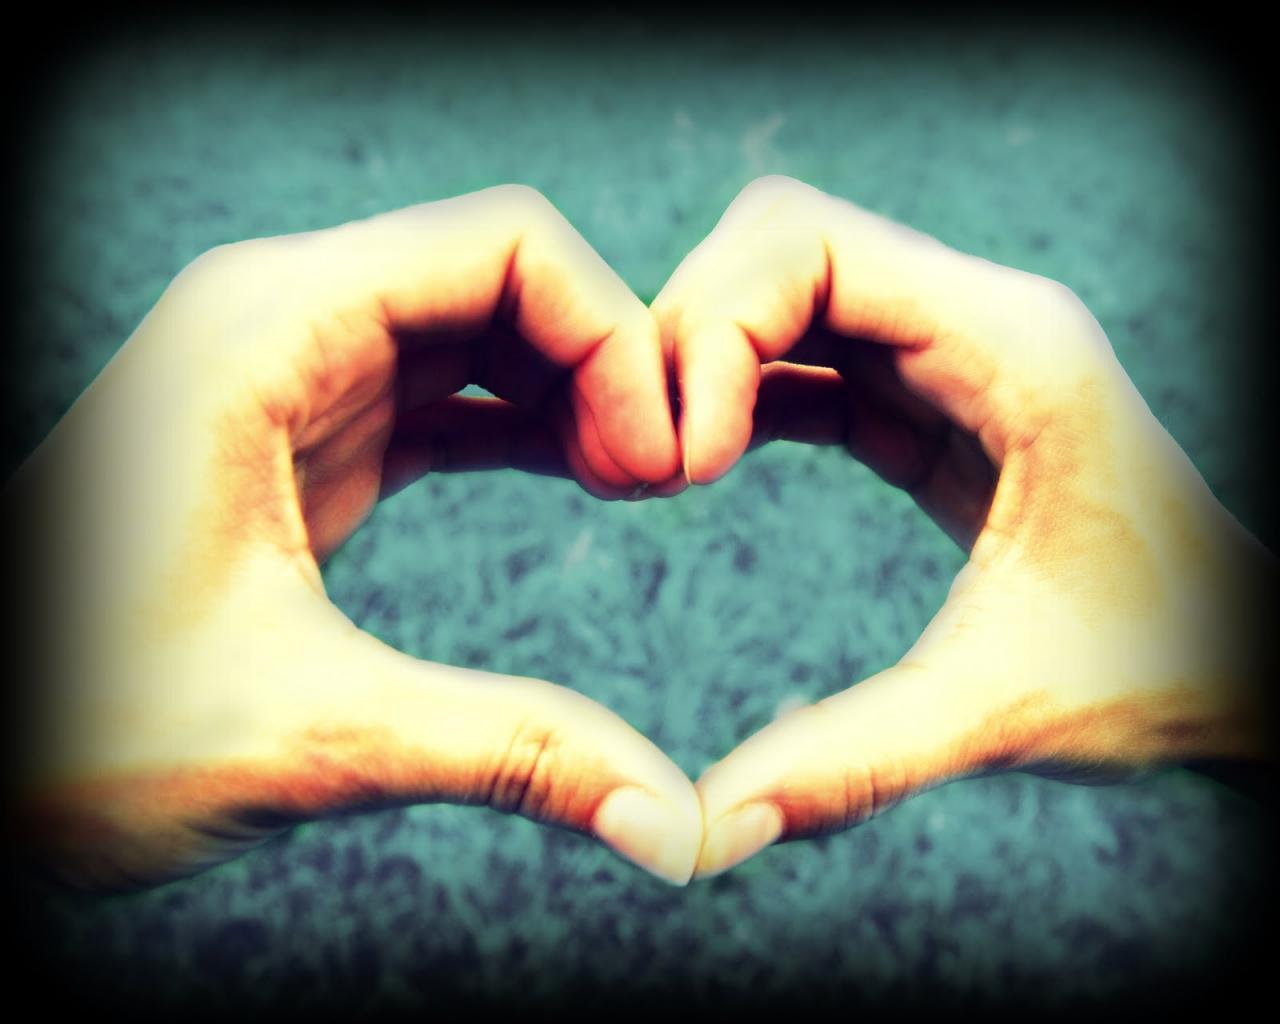 صوره قلب بين حبيبين